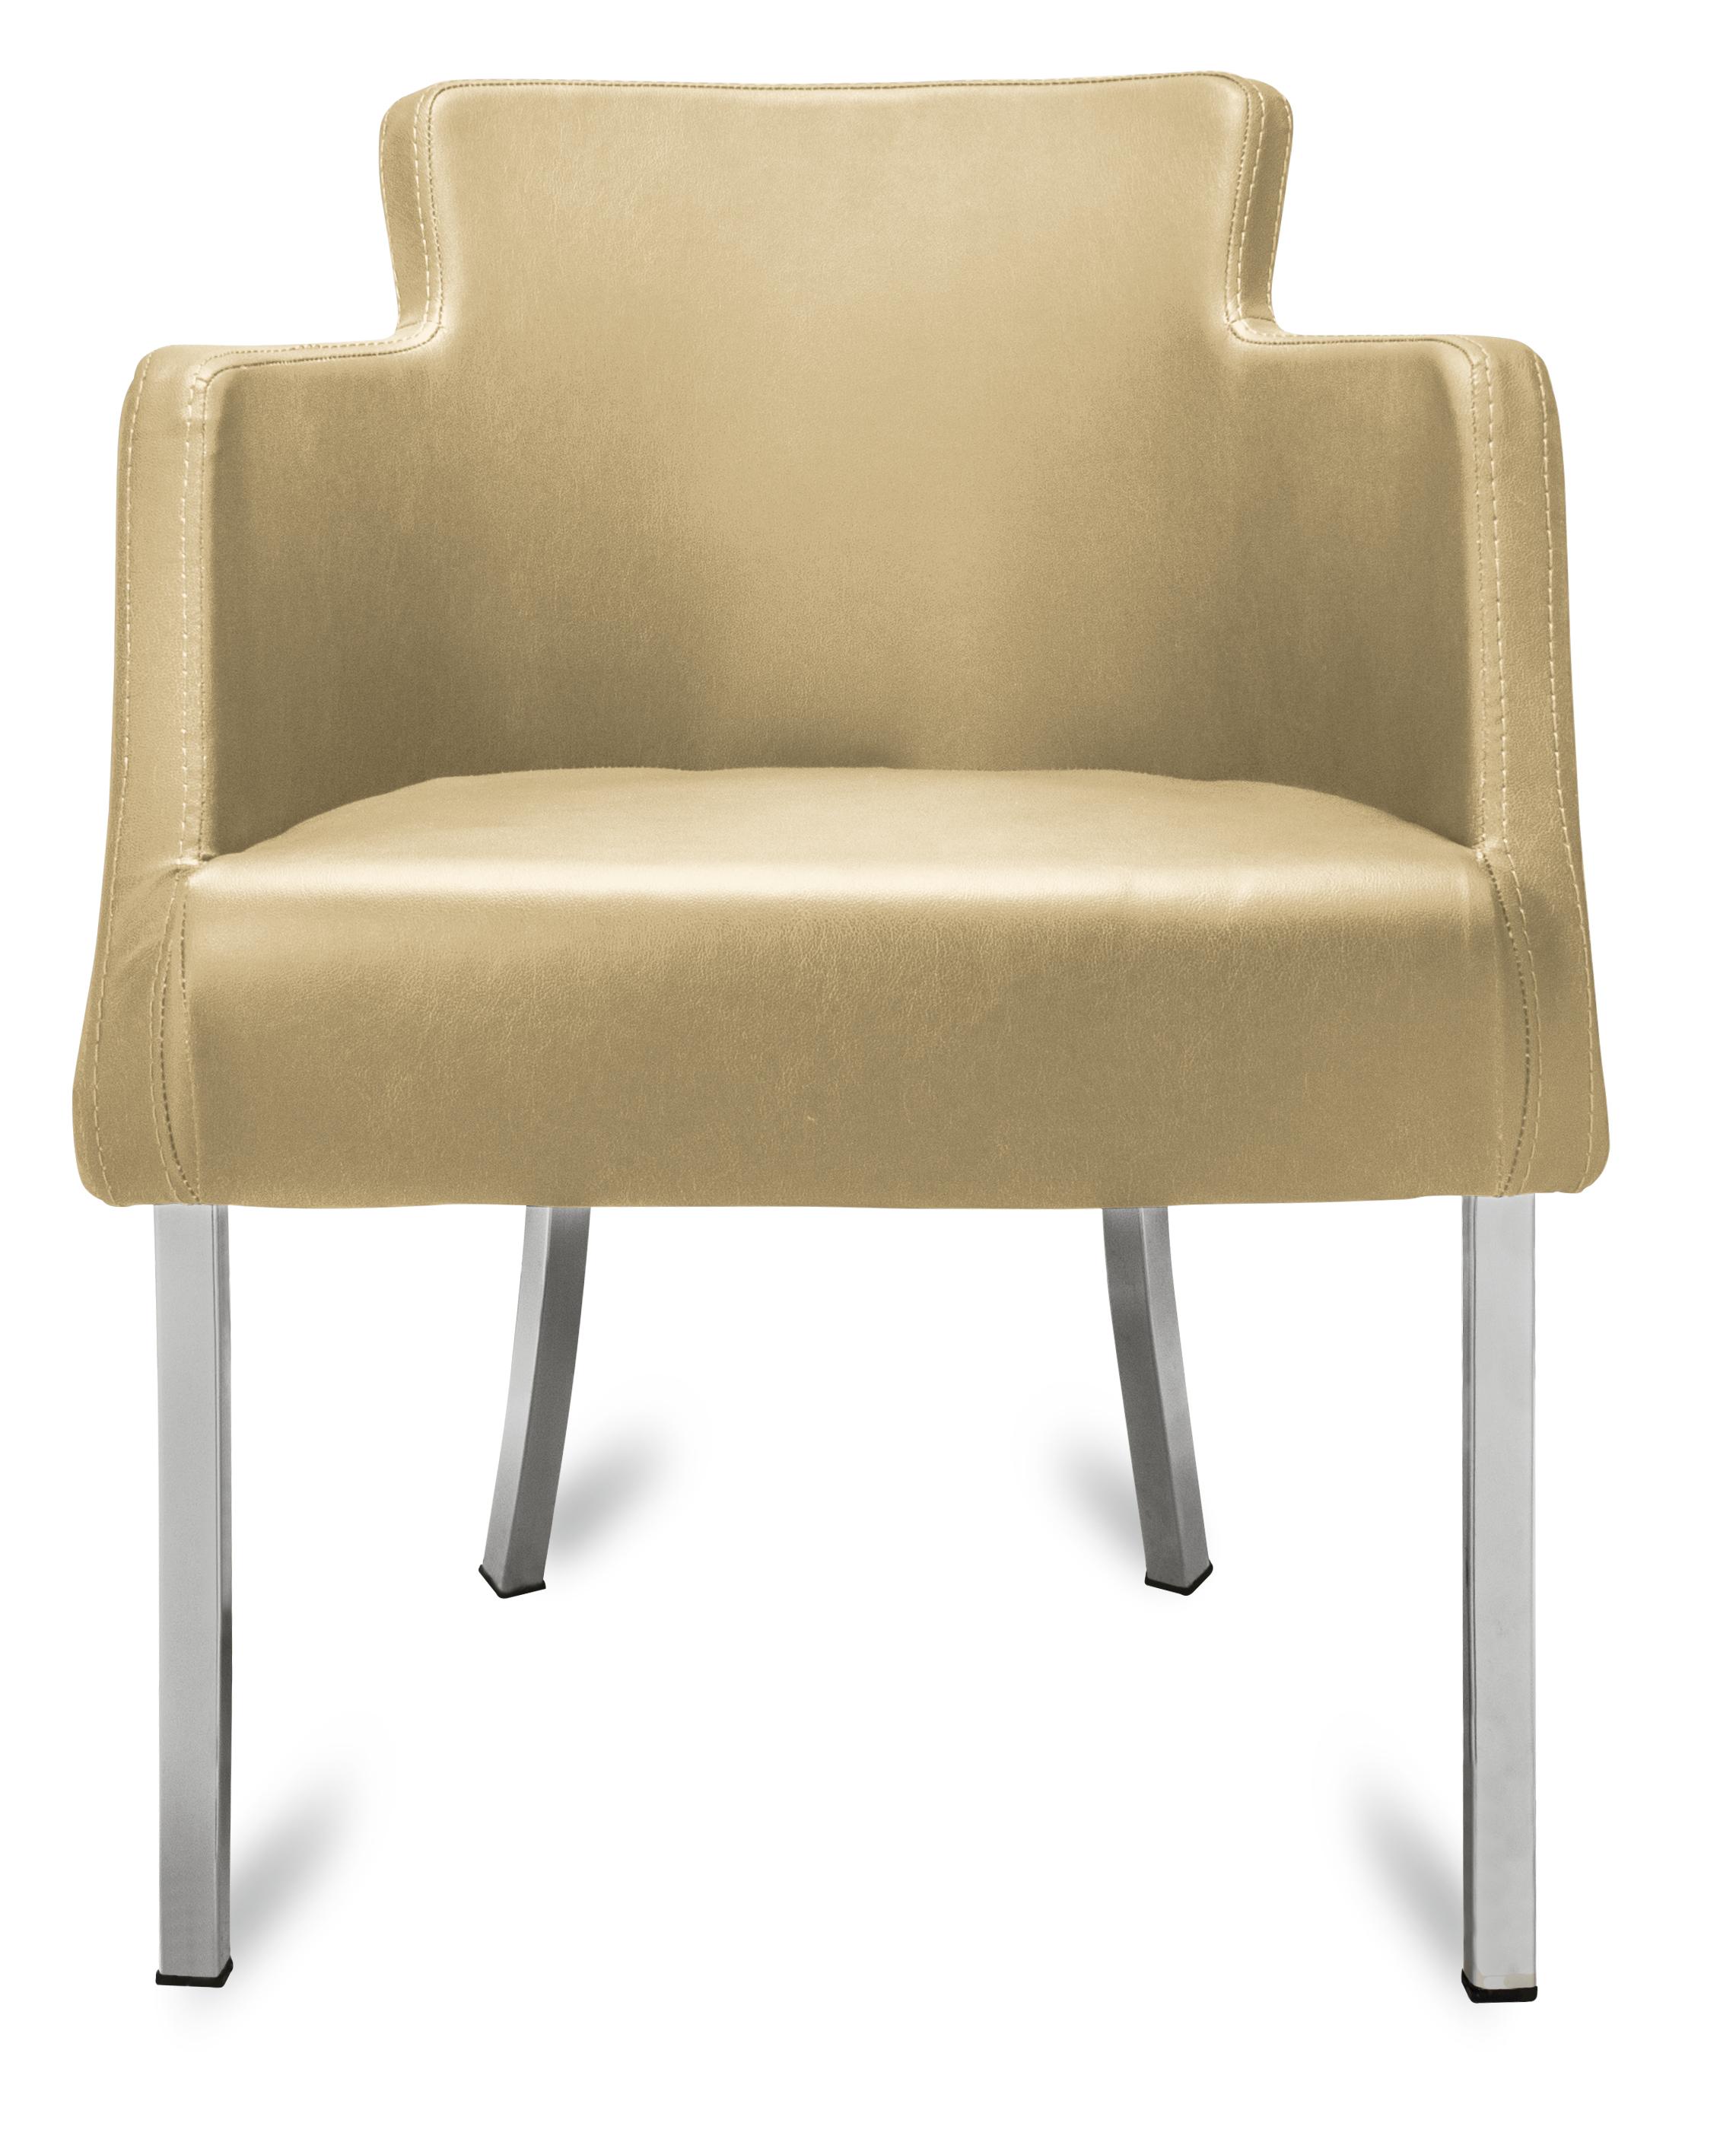 gastro stuhl sessel primo beige g nstig kaufen m bel star. Black Bedroom Furniture Sets. Home Design Ideas